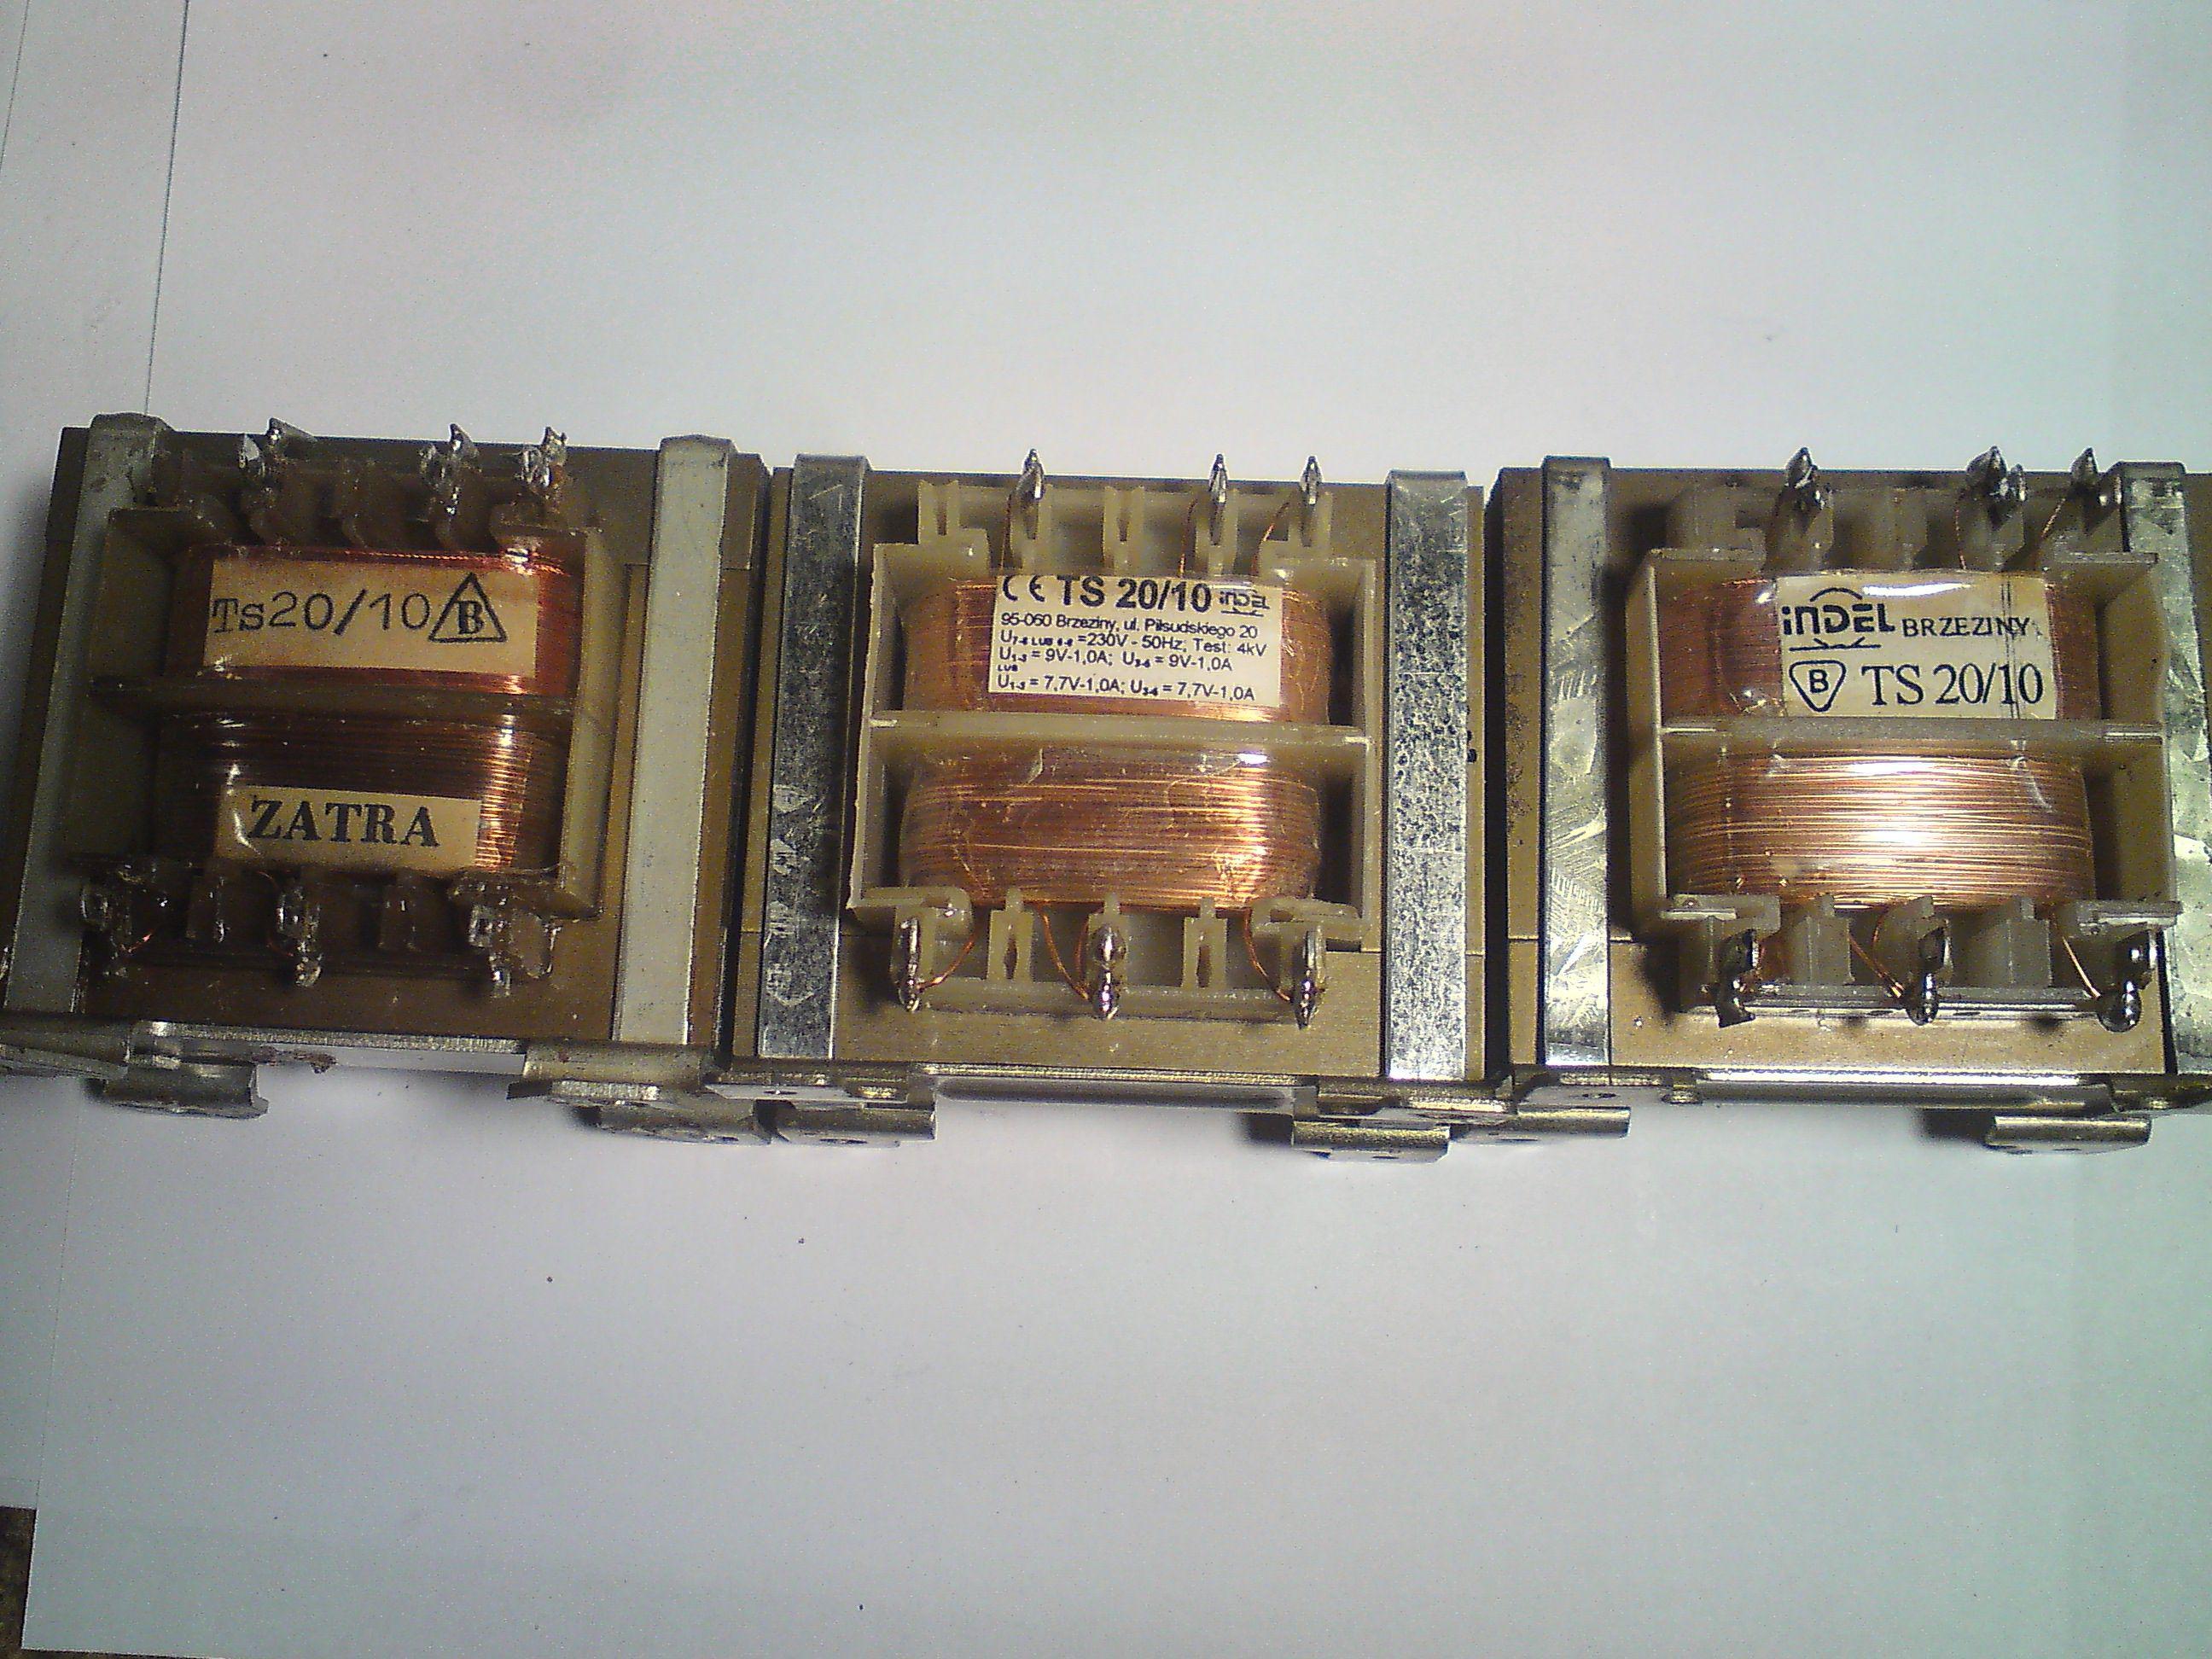 - Transformator TS2/840/1 - jakie napi�cie?